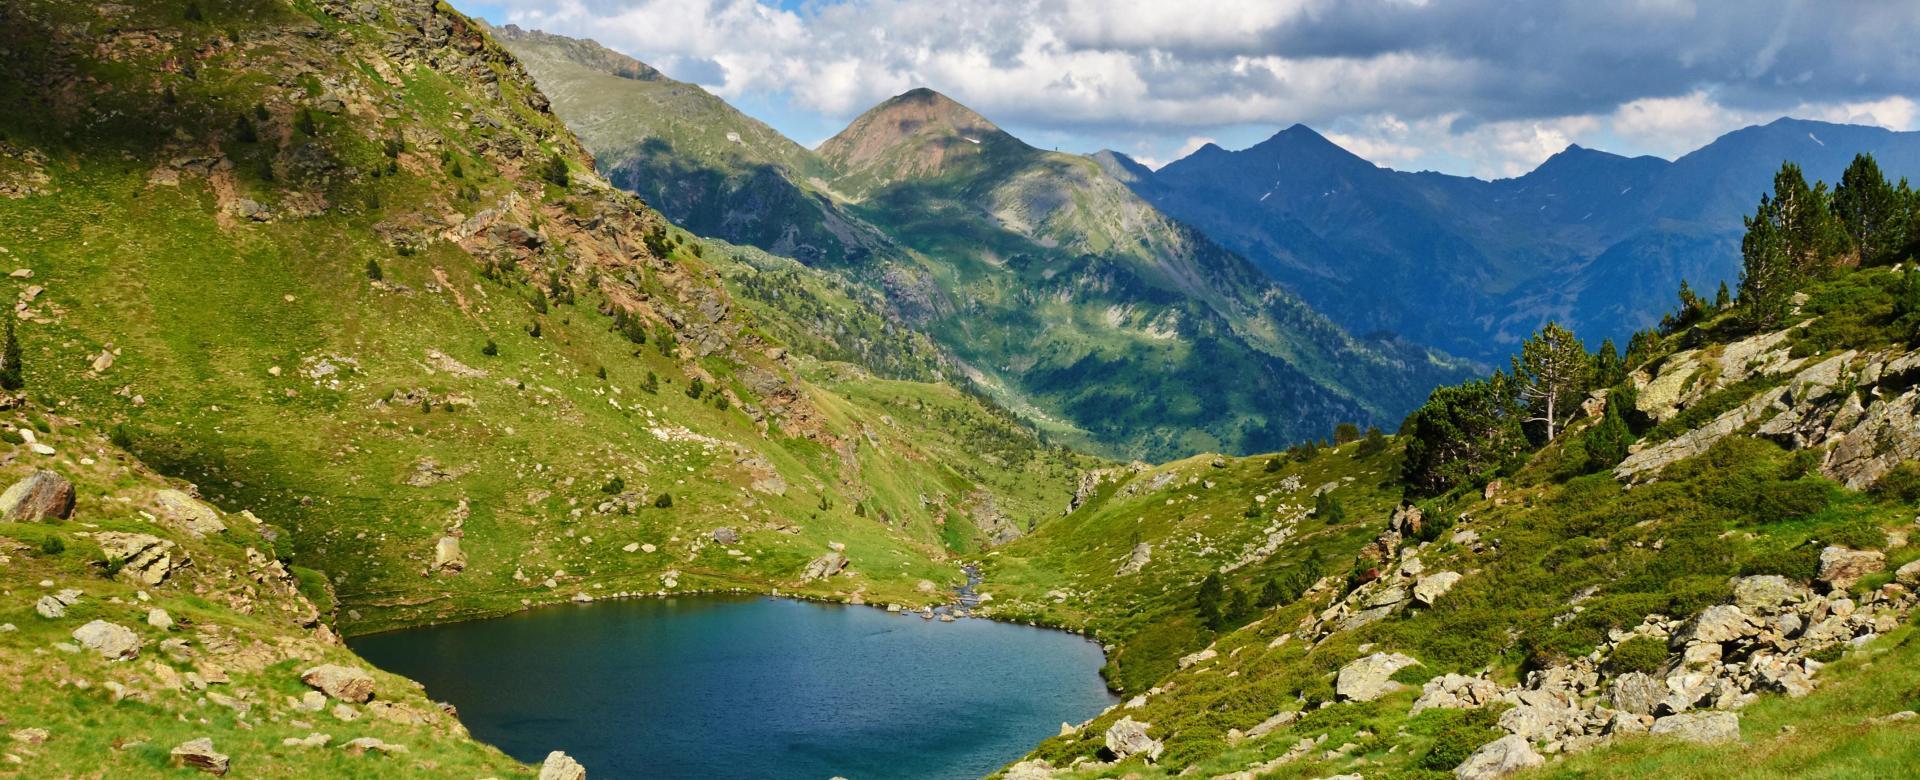 Voyage à pied : Rando-balnéo en andorre